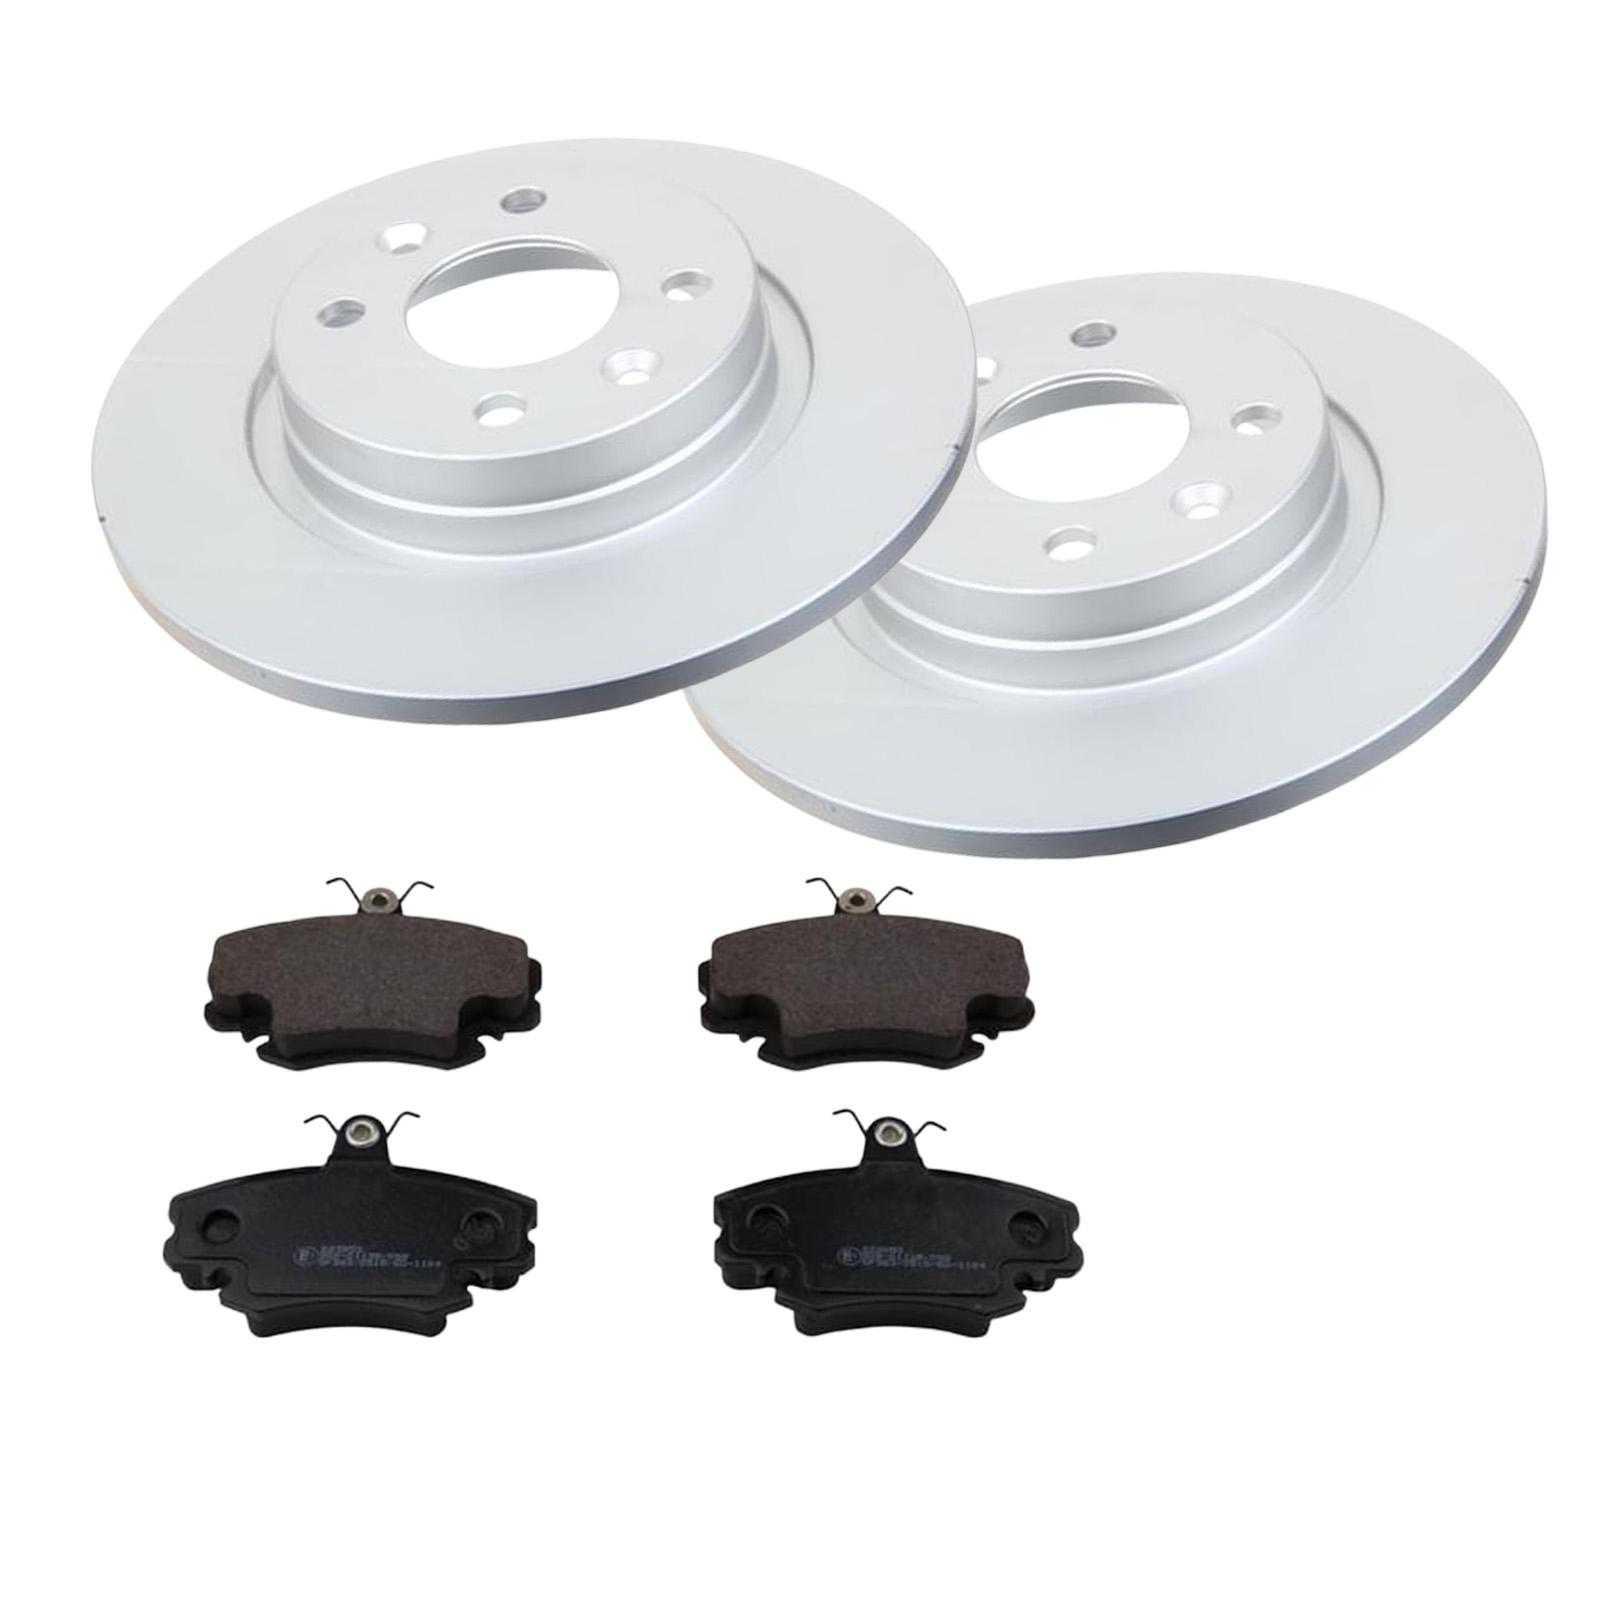 Bremsbeläge Vorne für RENAULT Brembo2 Bremsscheiben Belüftet 259 mm